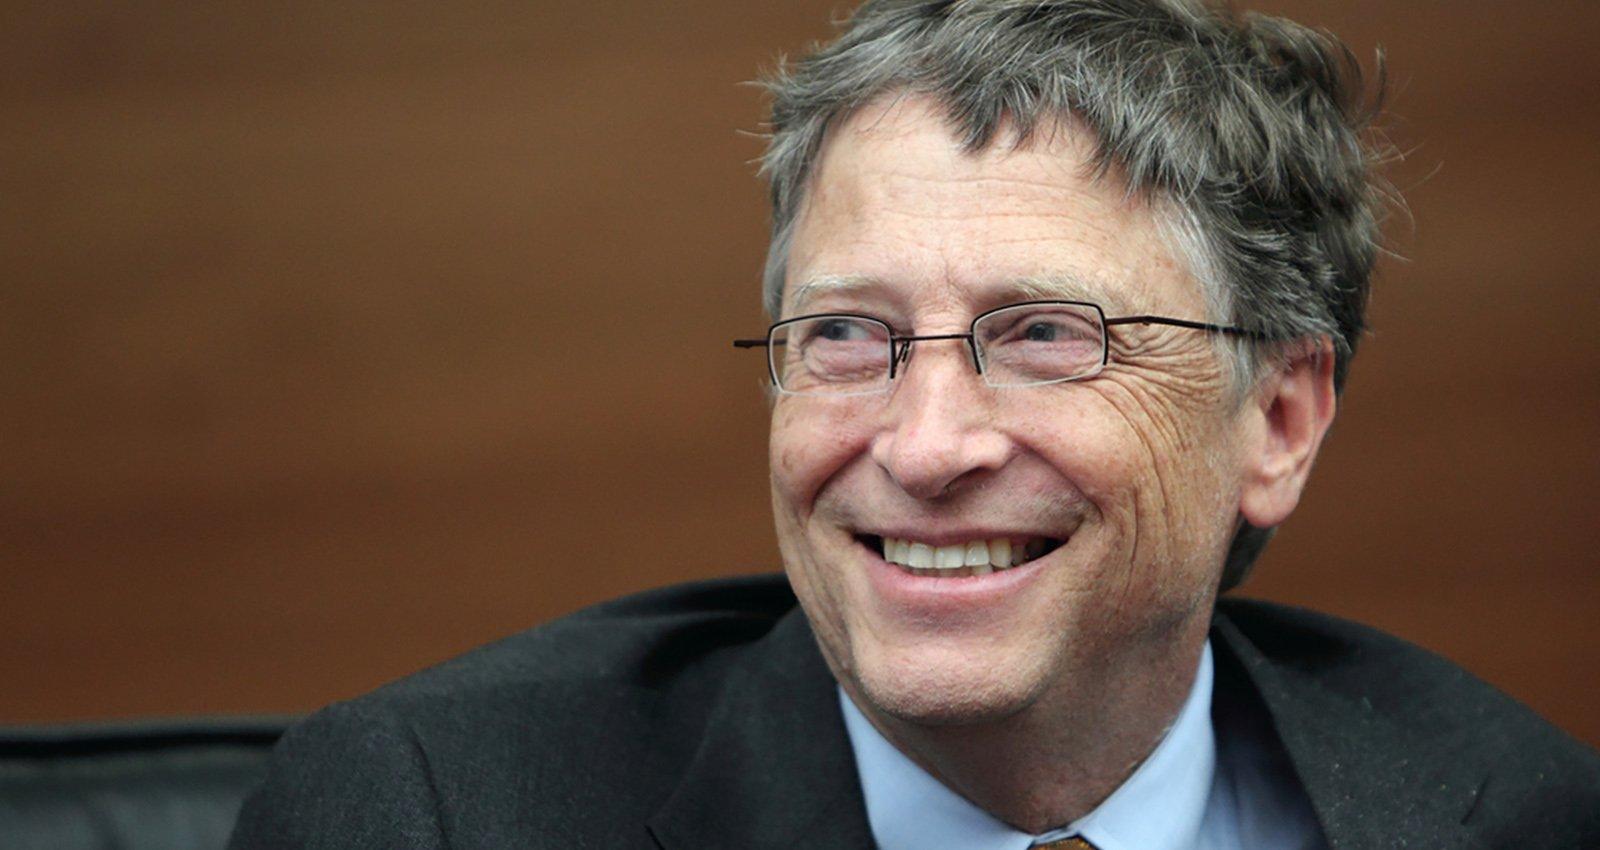 Unter dieser Bedingung will Gates für Klimaschutz spenden